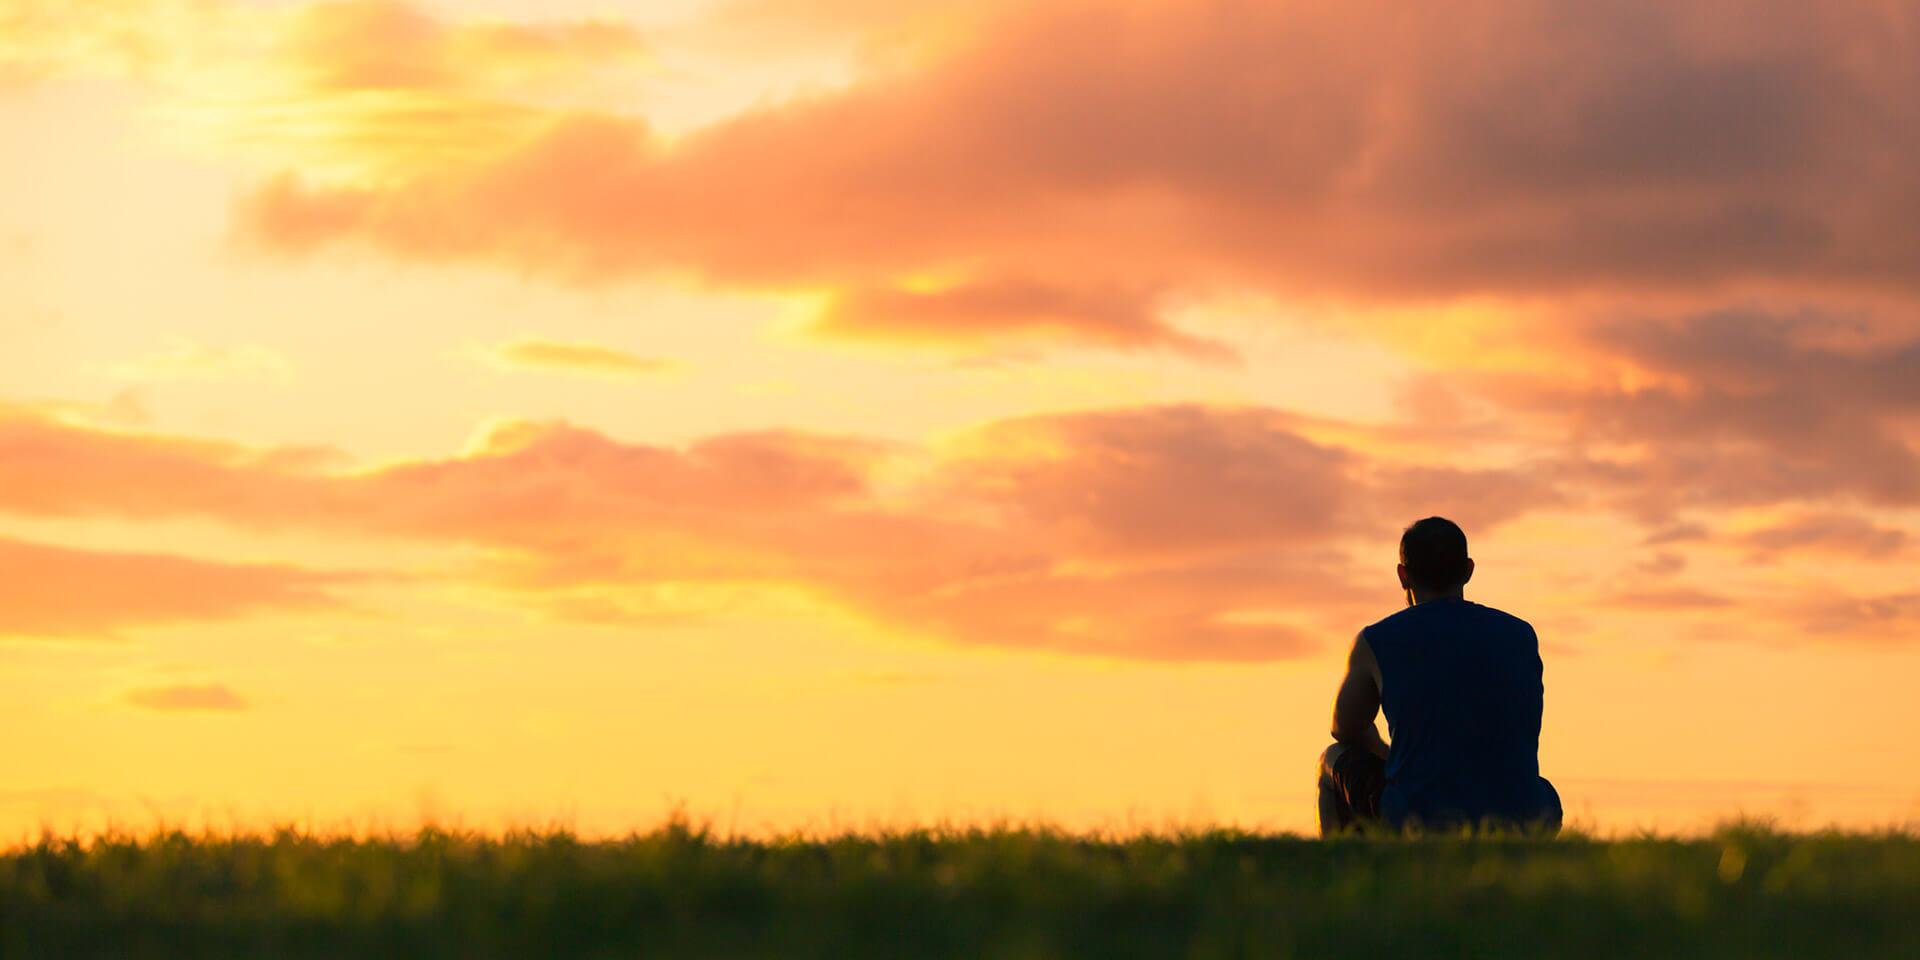 Mann blickt in den Sonnenuntergang